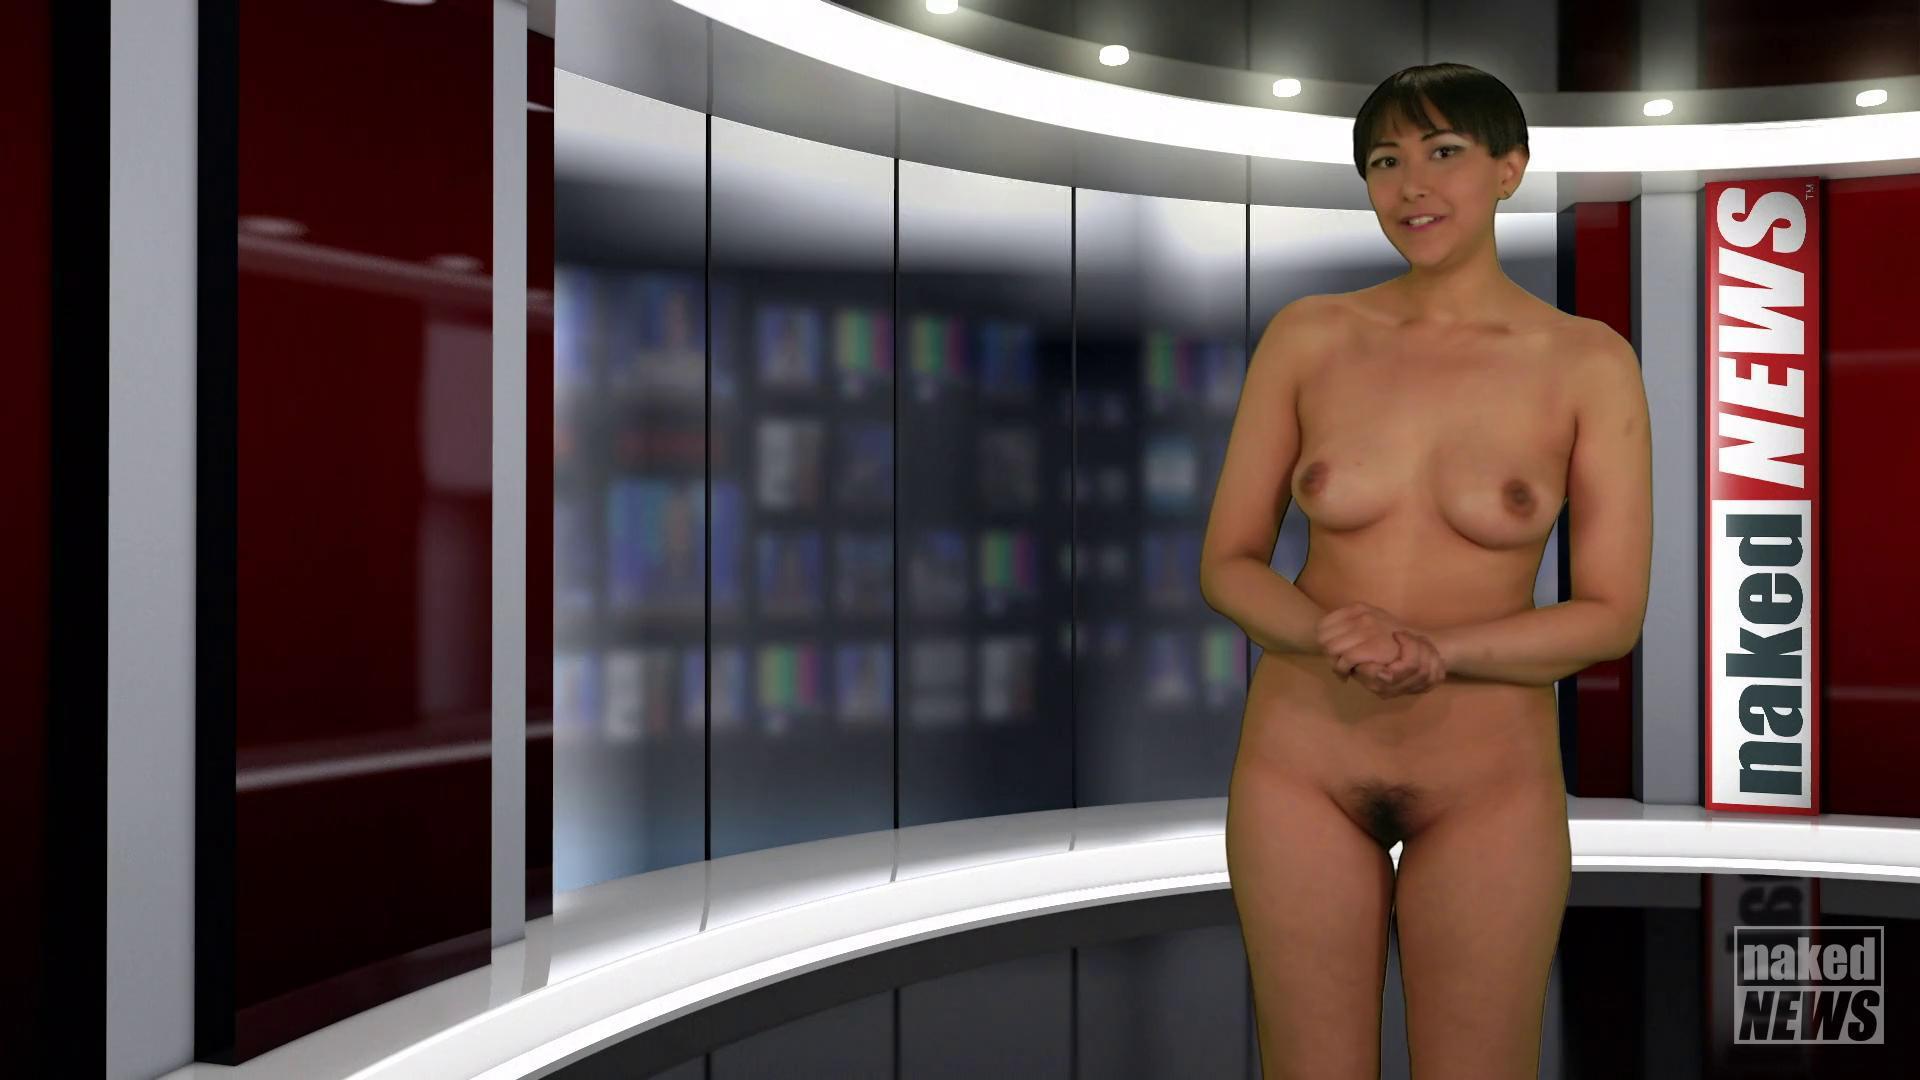 Nude tv anchor woman